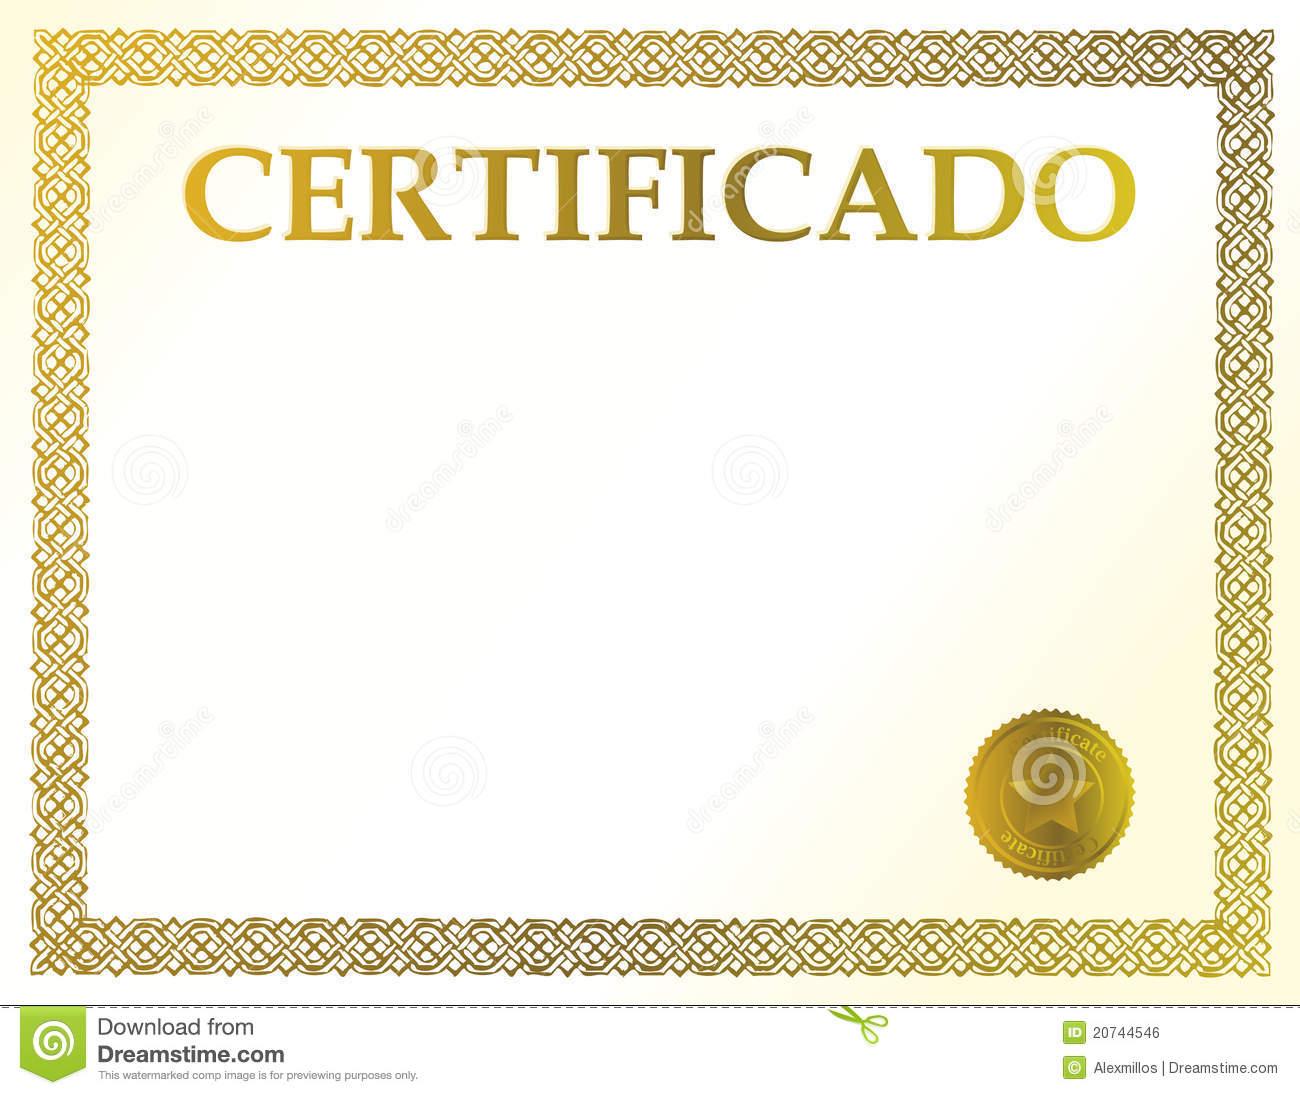 certificado-en-blanco-.jpg